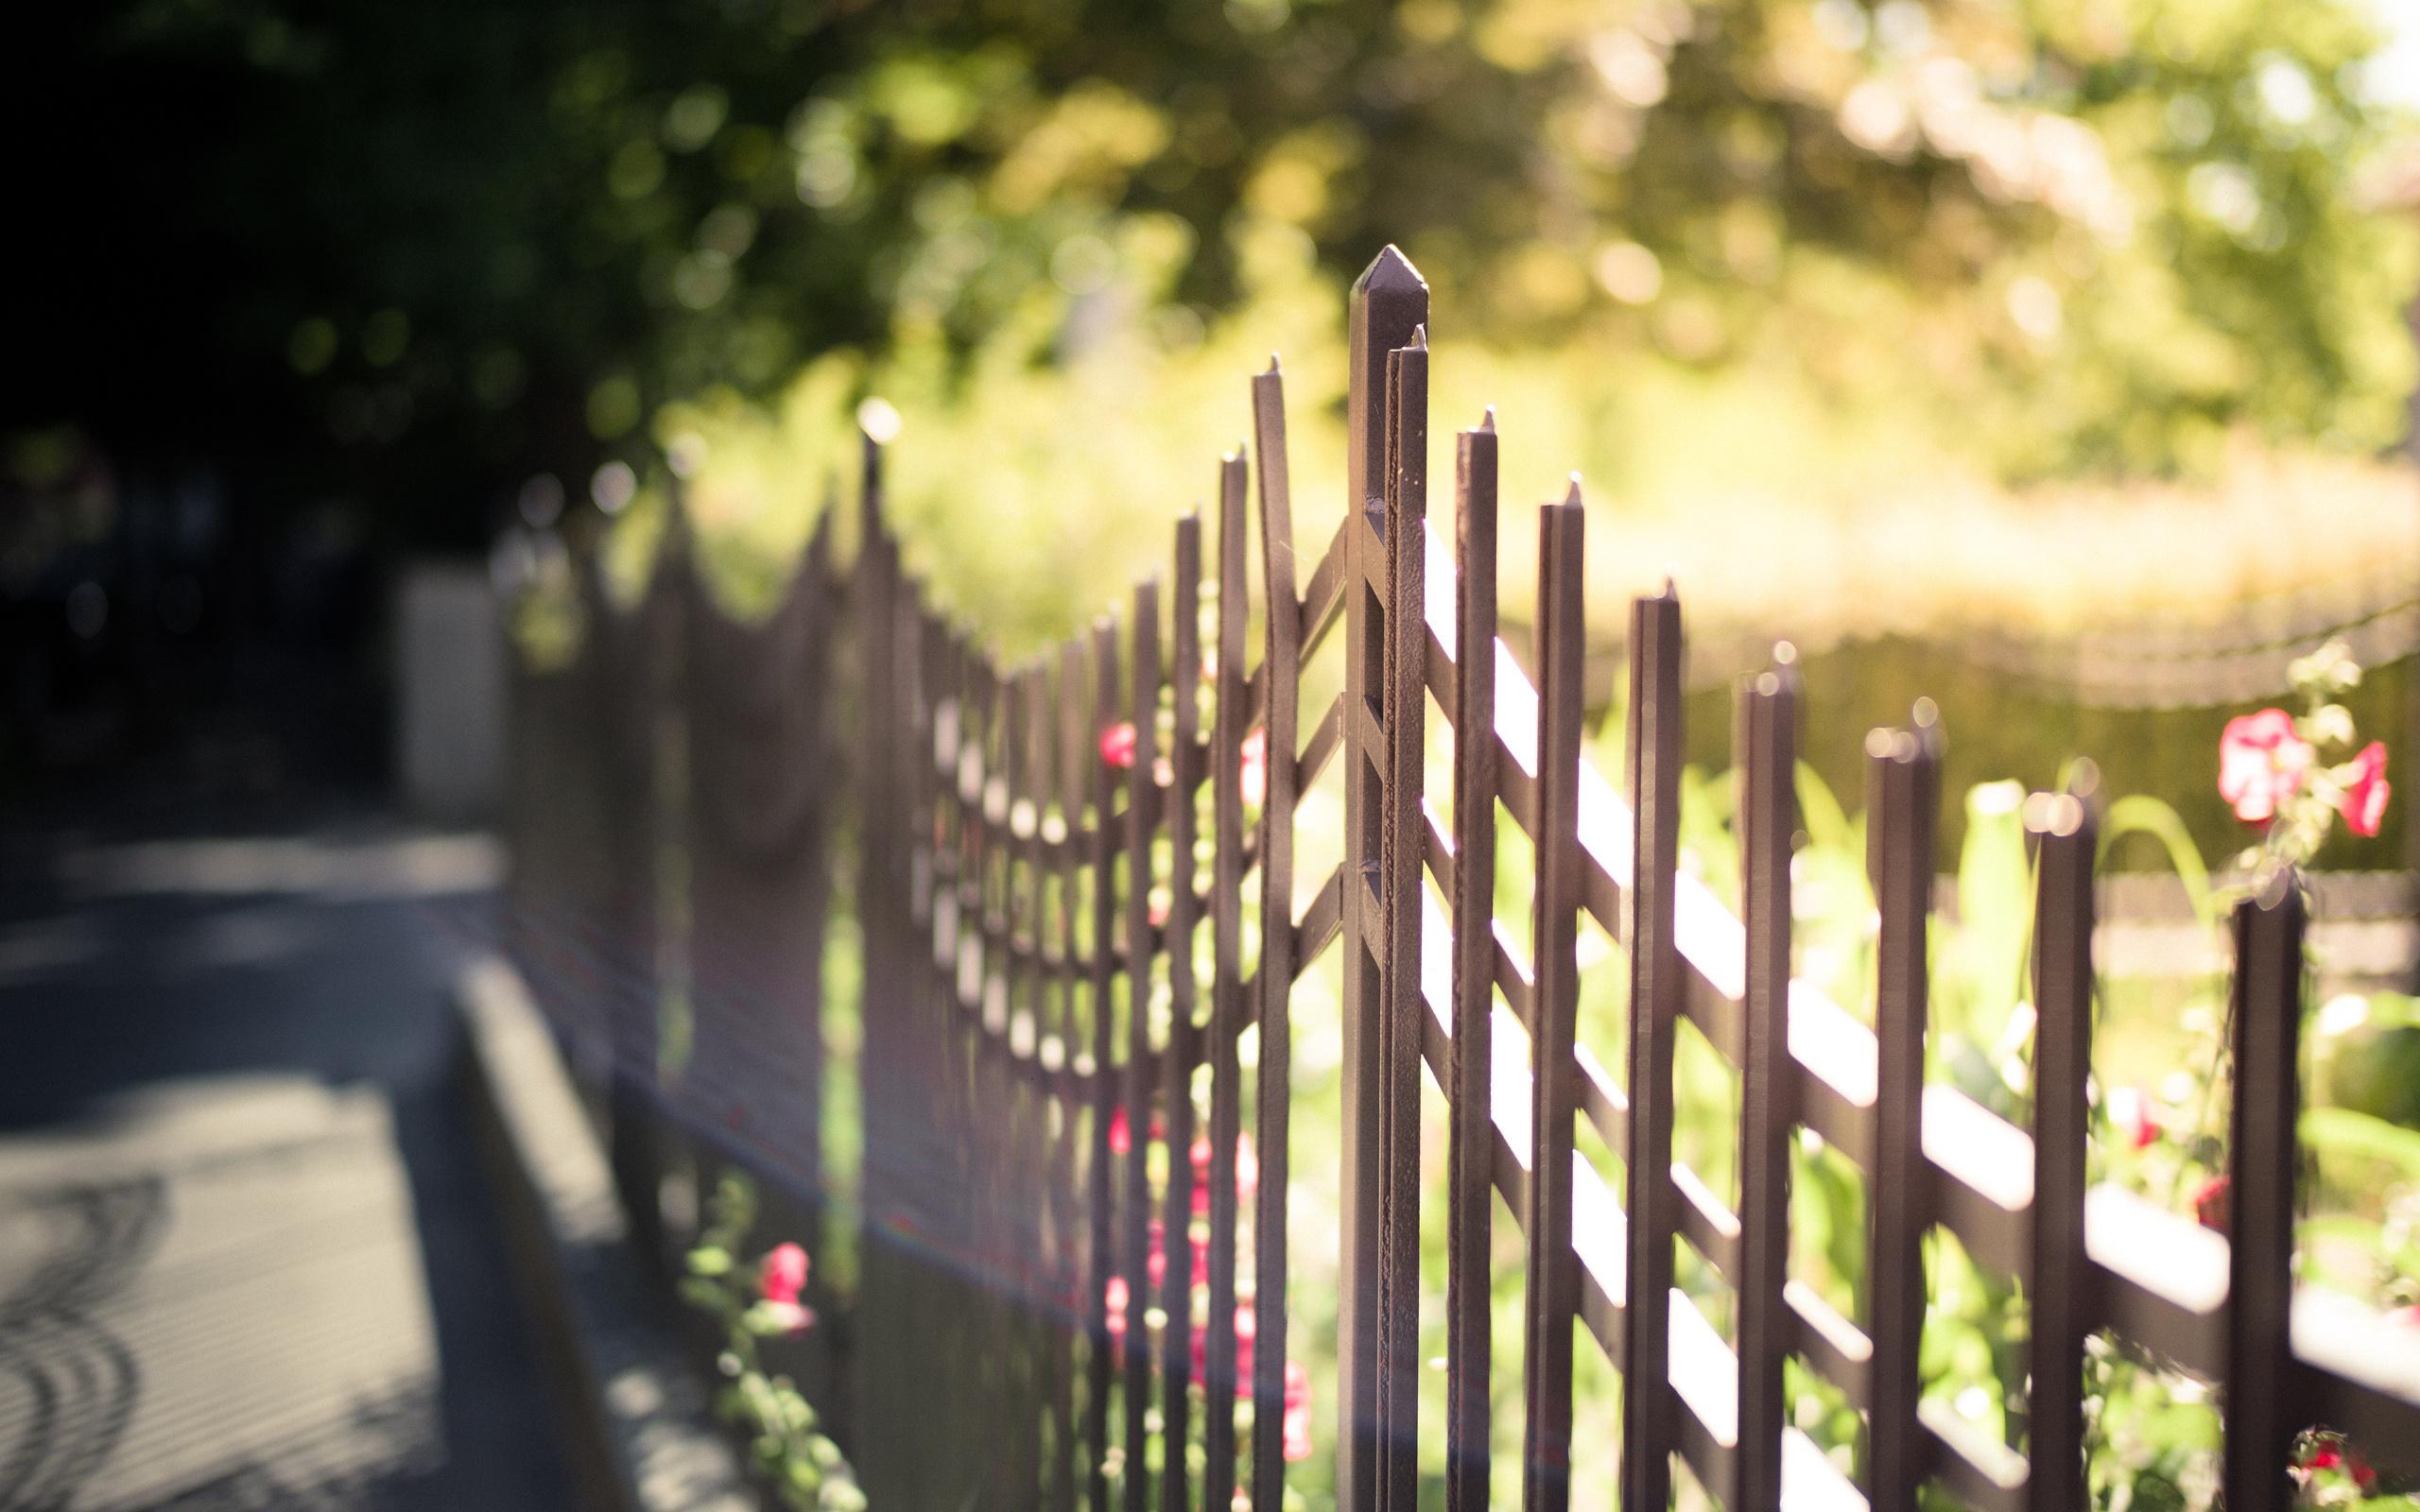 Картинка парк с забором